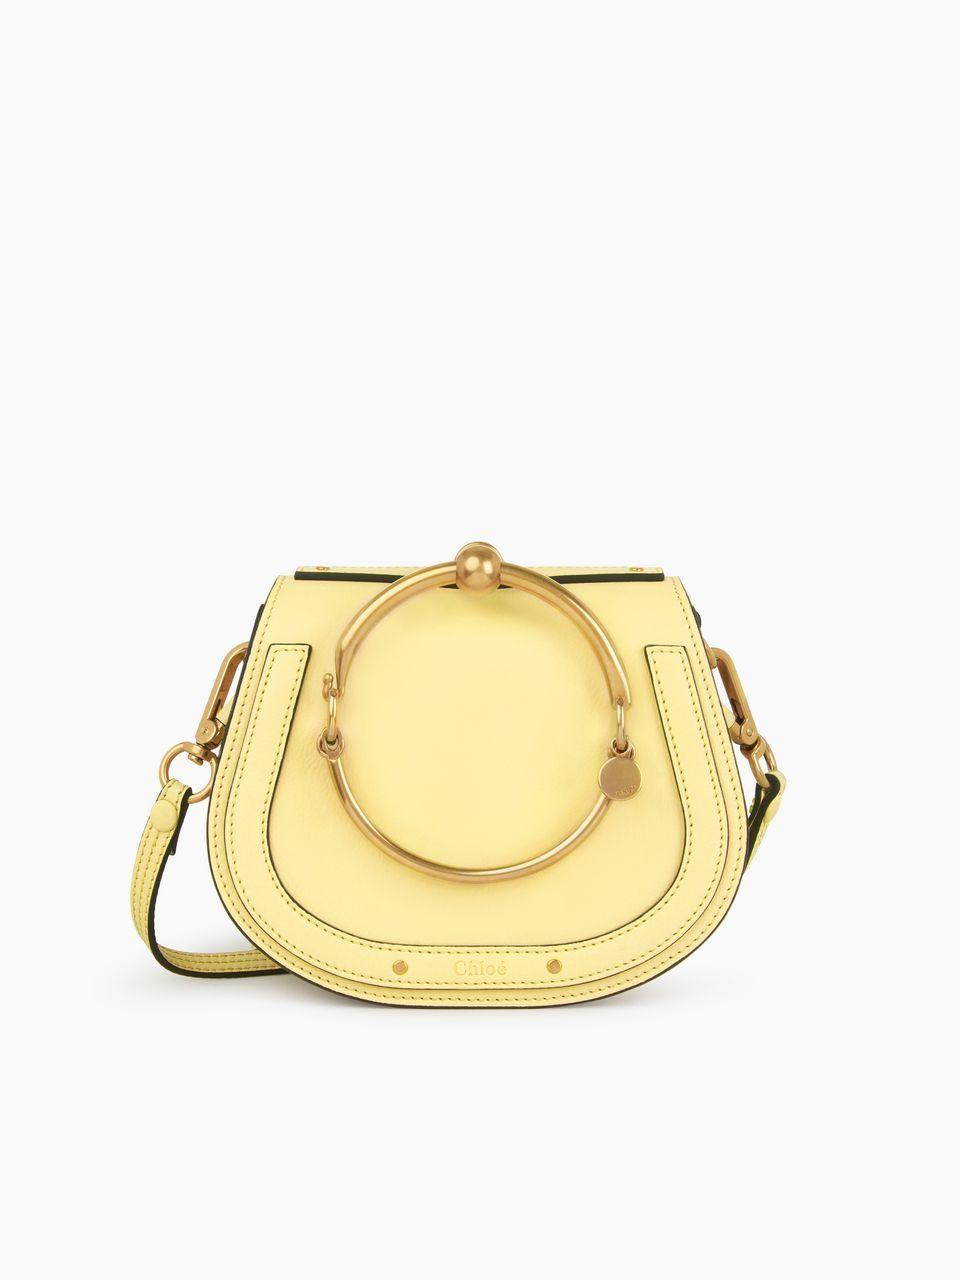 e603500a2a Chloé - Small Nile bracelet bag in lemonade smooth & suede calfskin ...